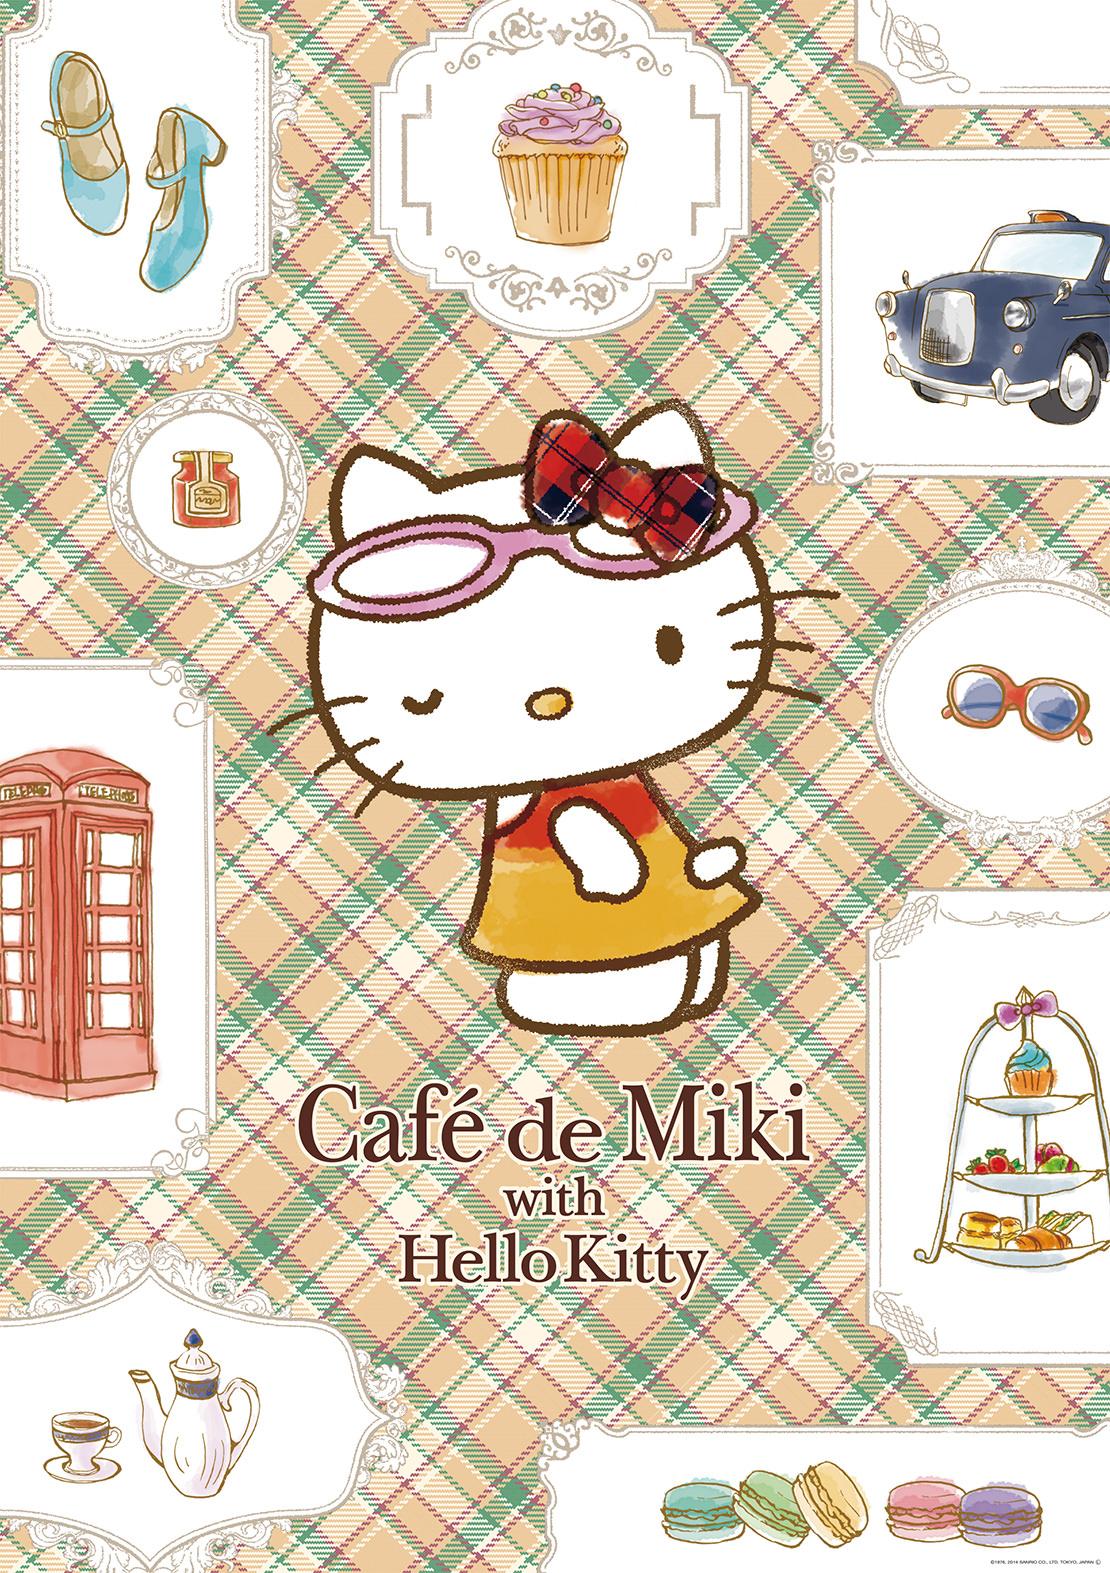 Café de Miki with Hello Kitty 店内掲示ポスター